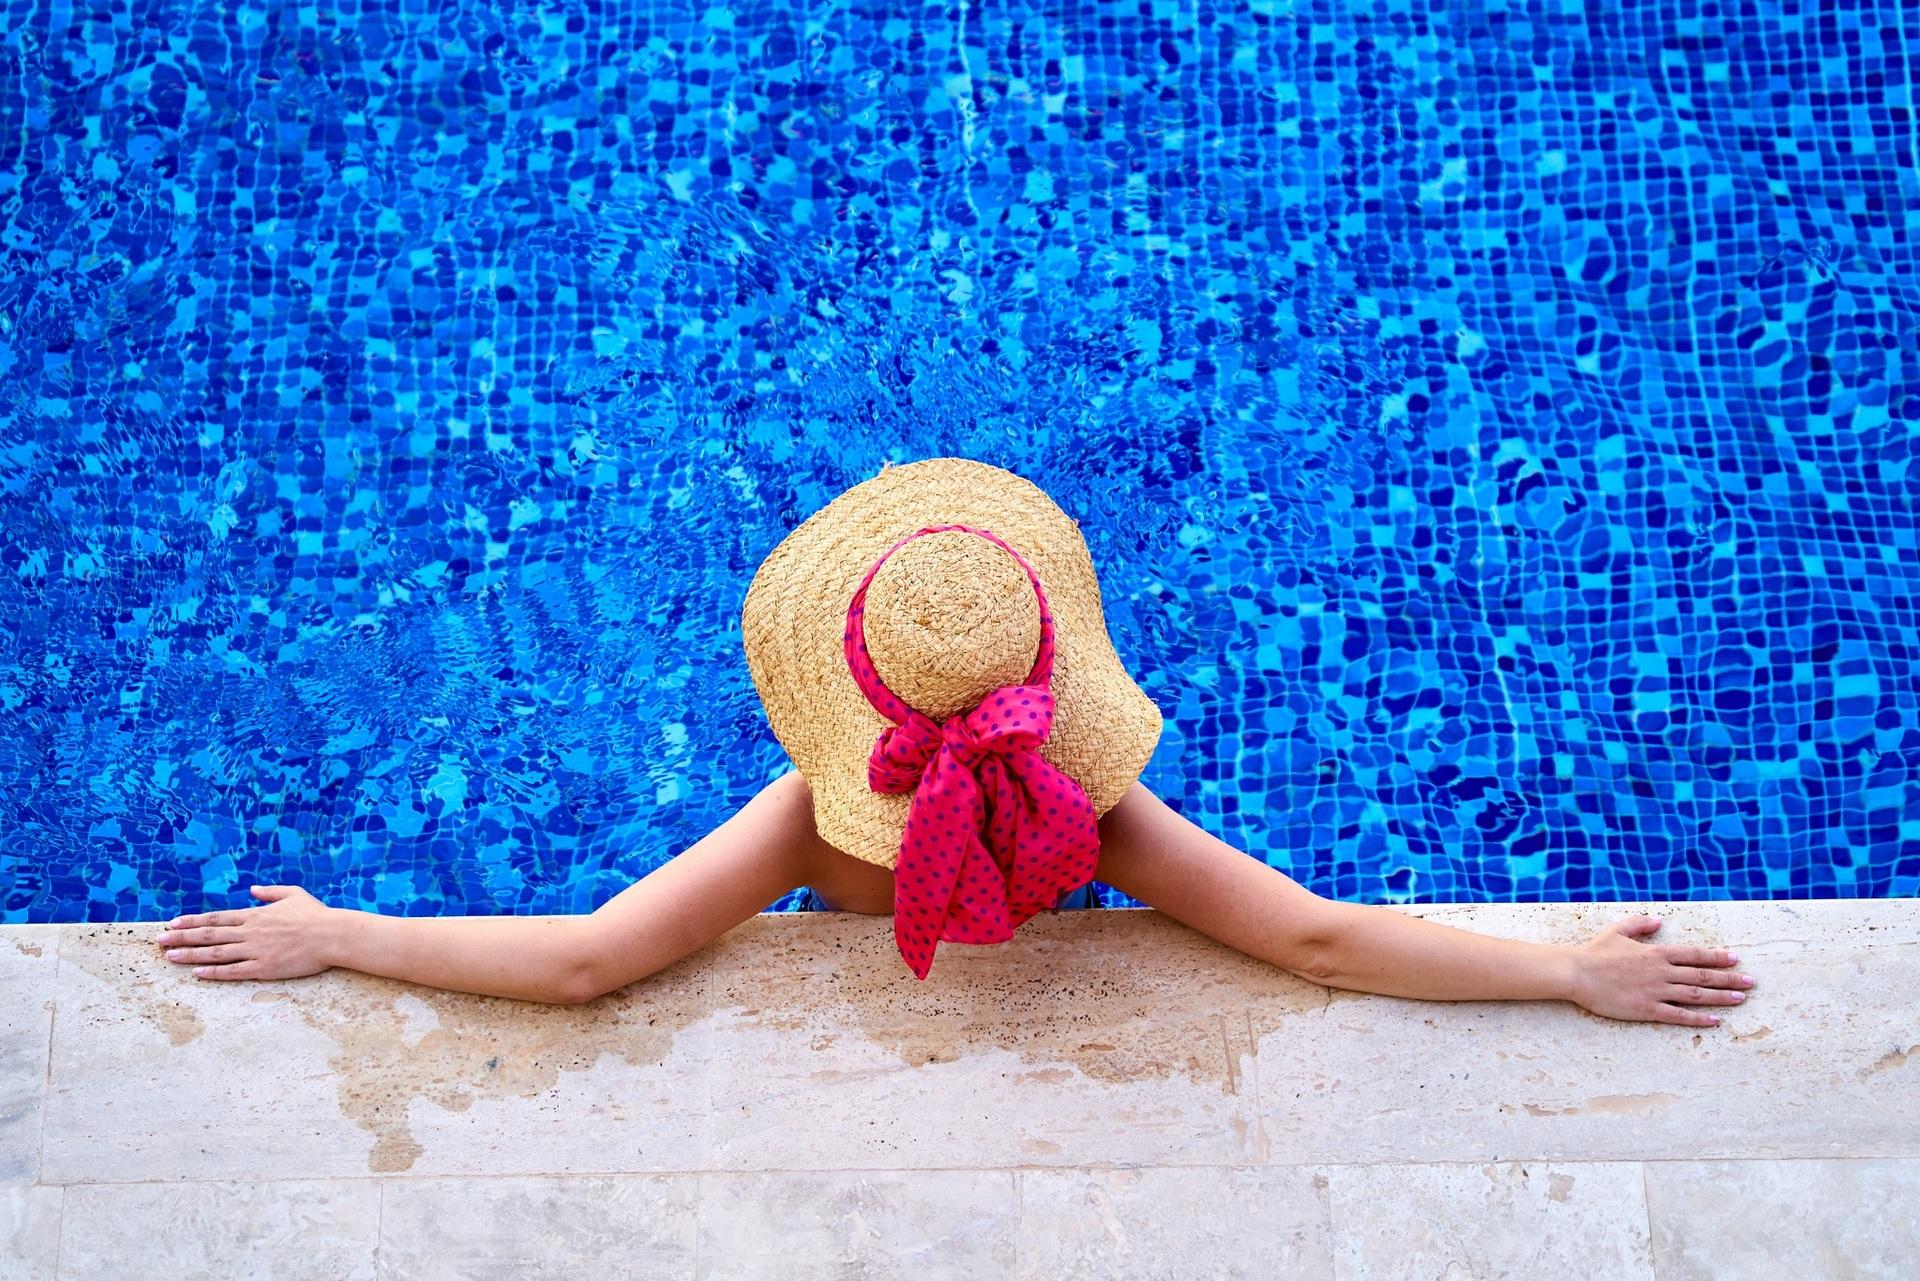 Попробуйте подводный массаж в бассейне с морской водой! Это полезный и приятный опыт!